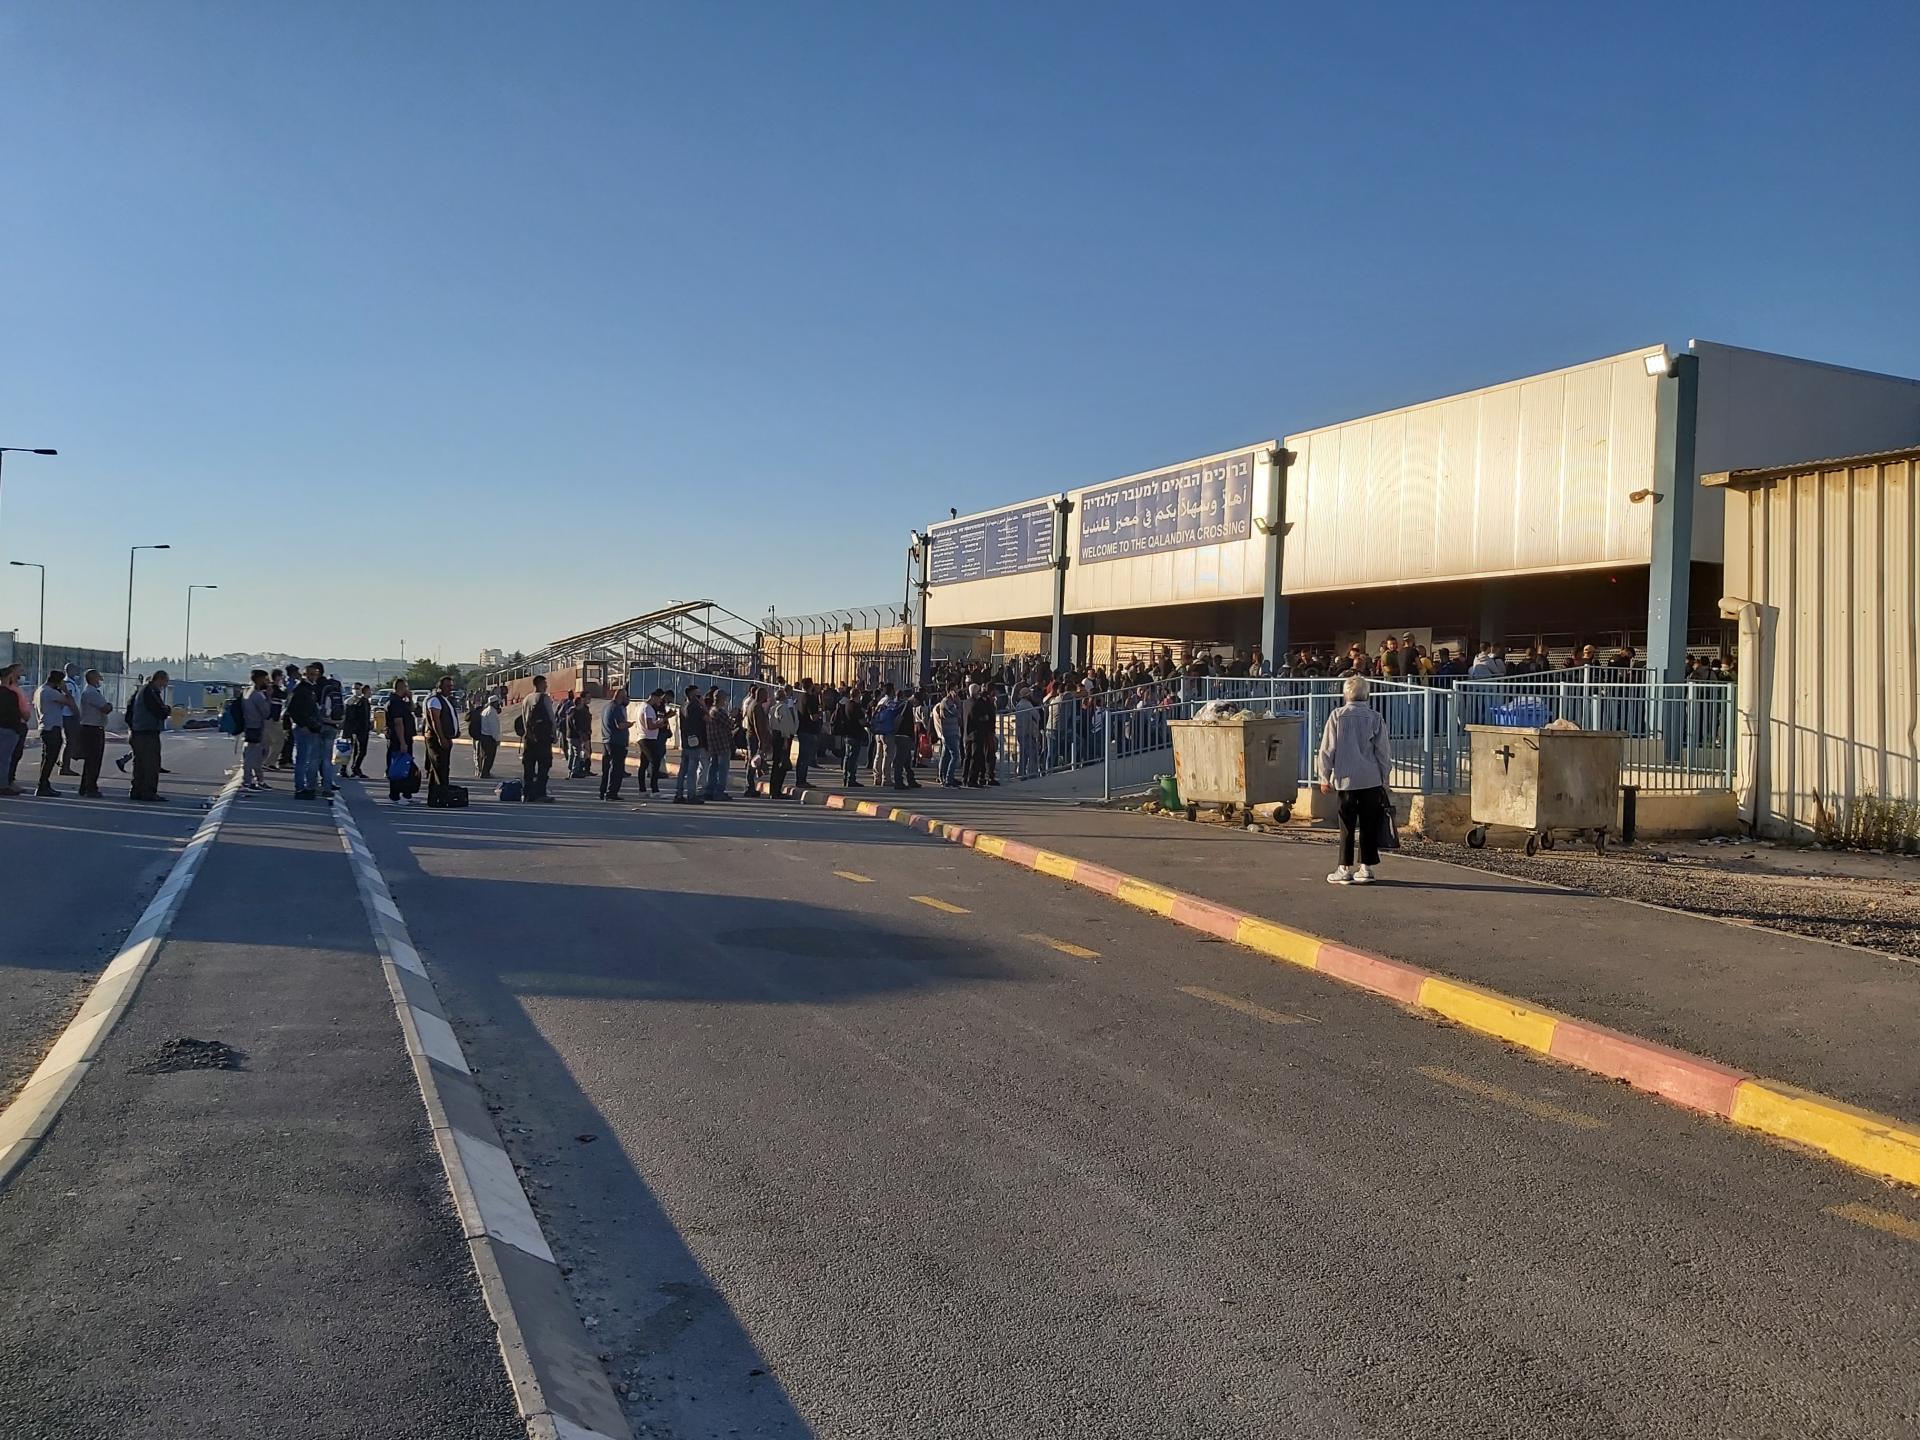 המראה שנגלה לעינינו בצד הפלסטיני